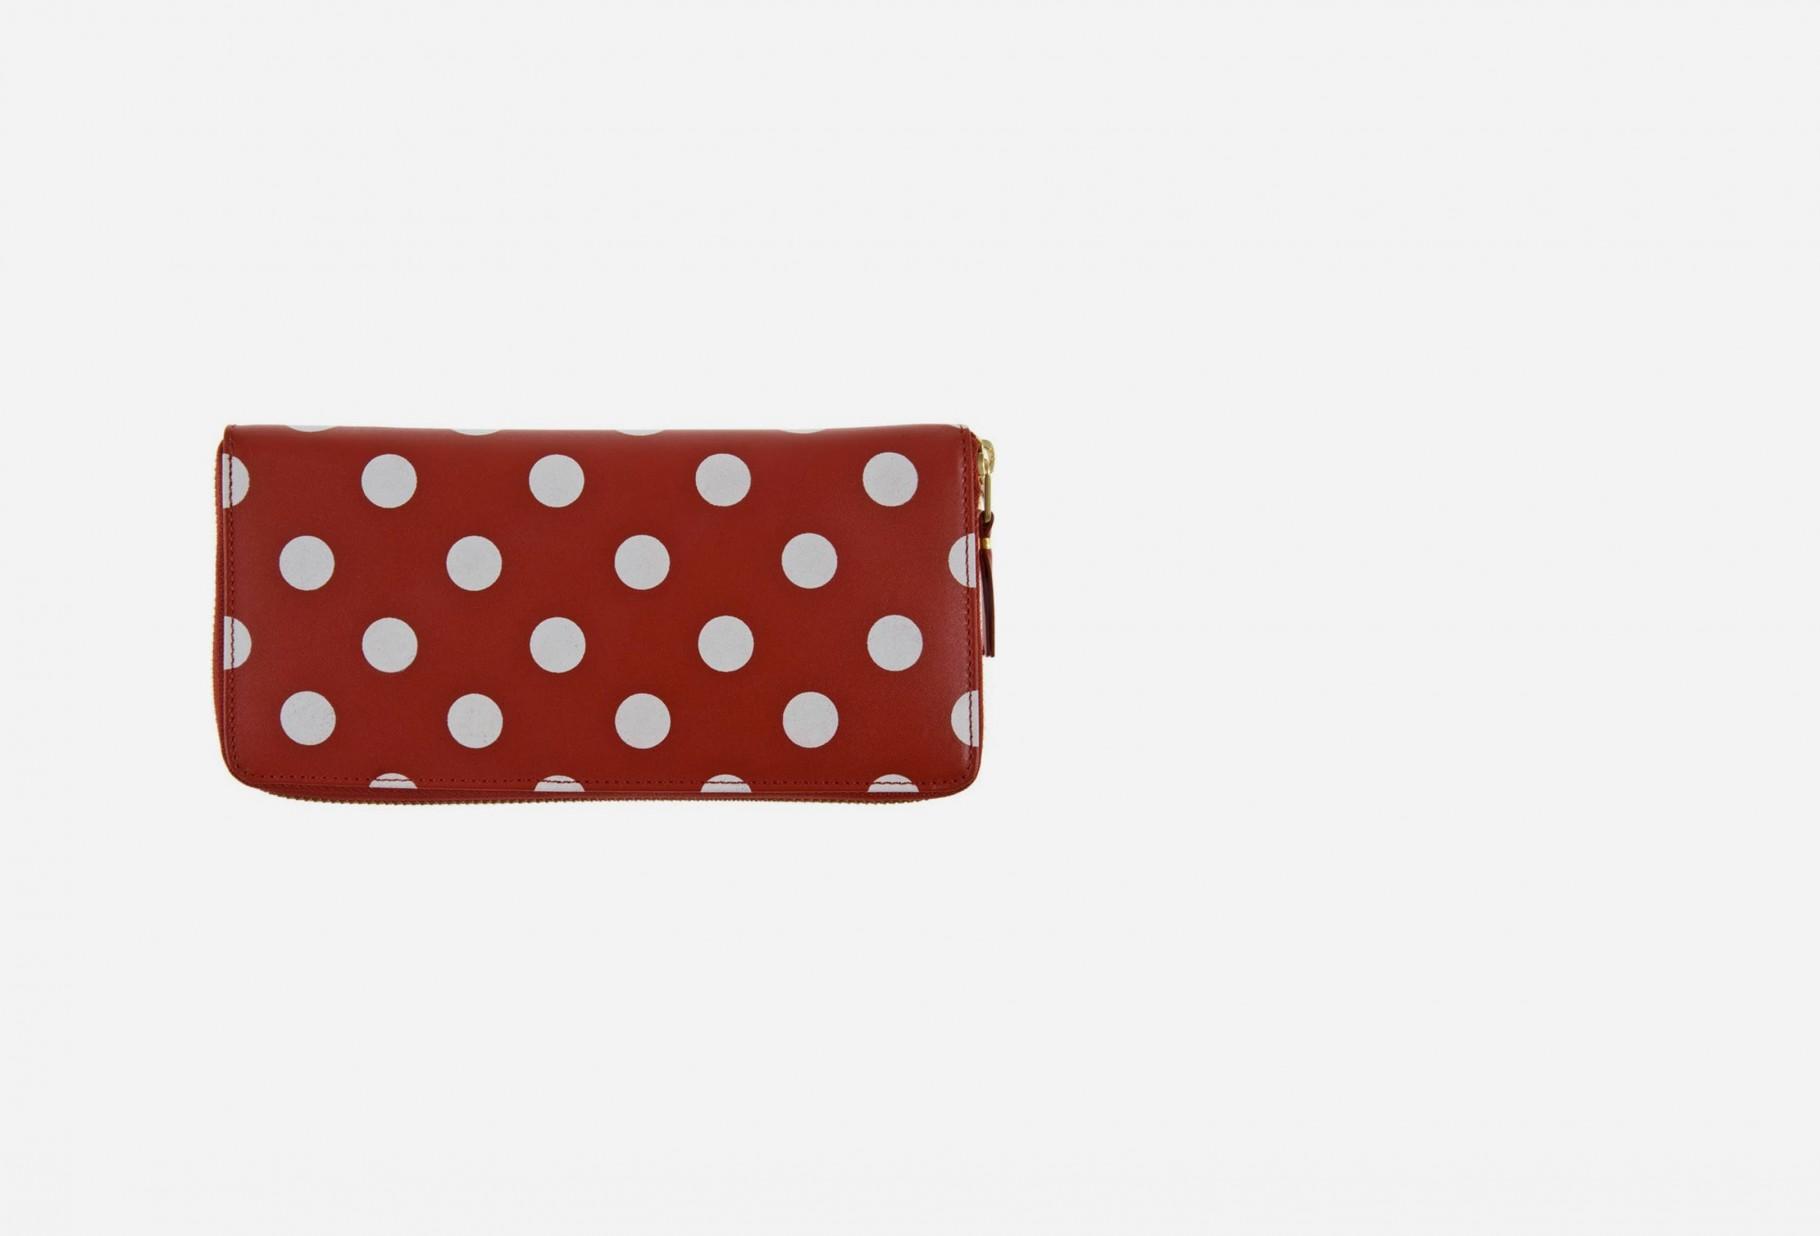 / Cdg polka dots sa0110pd Red